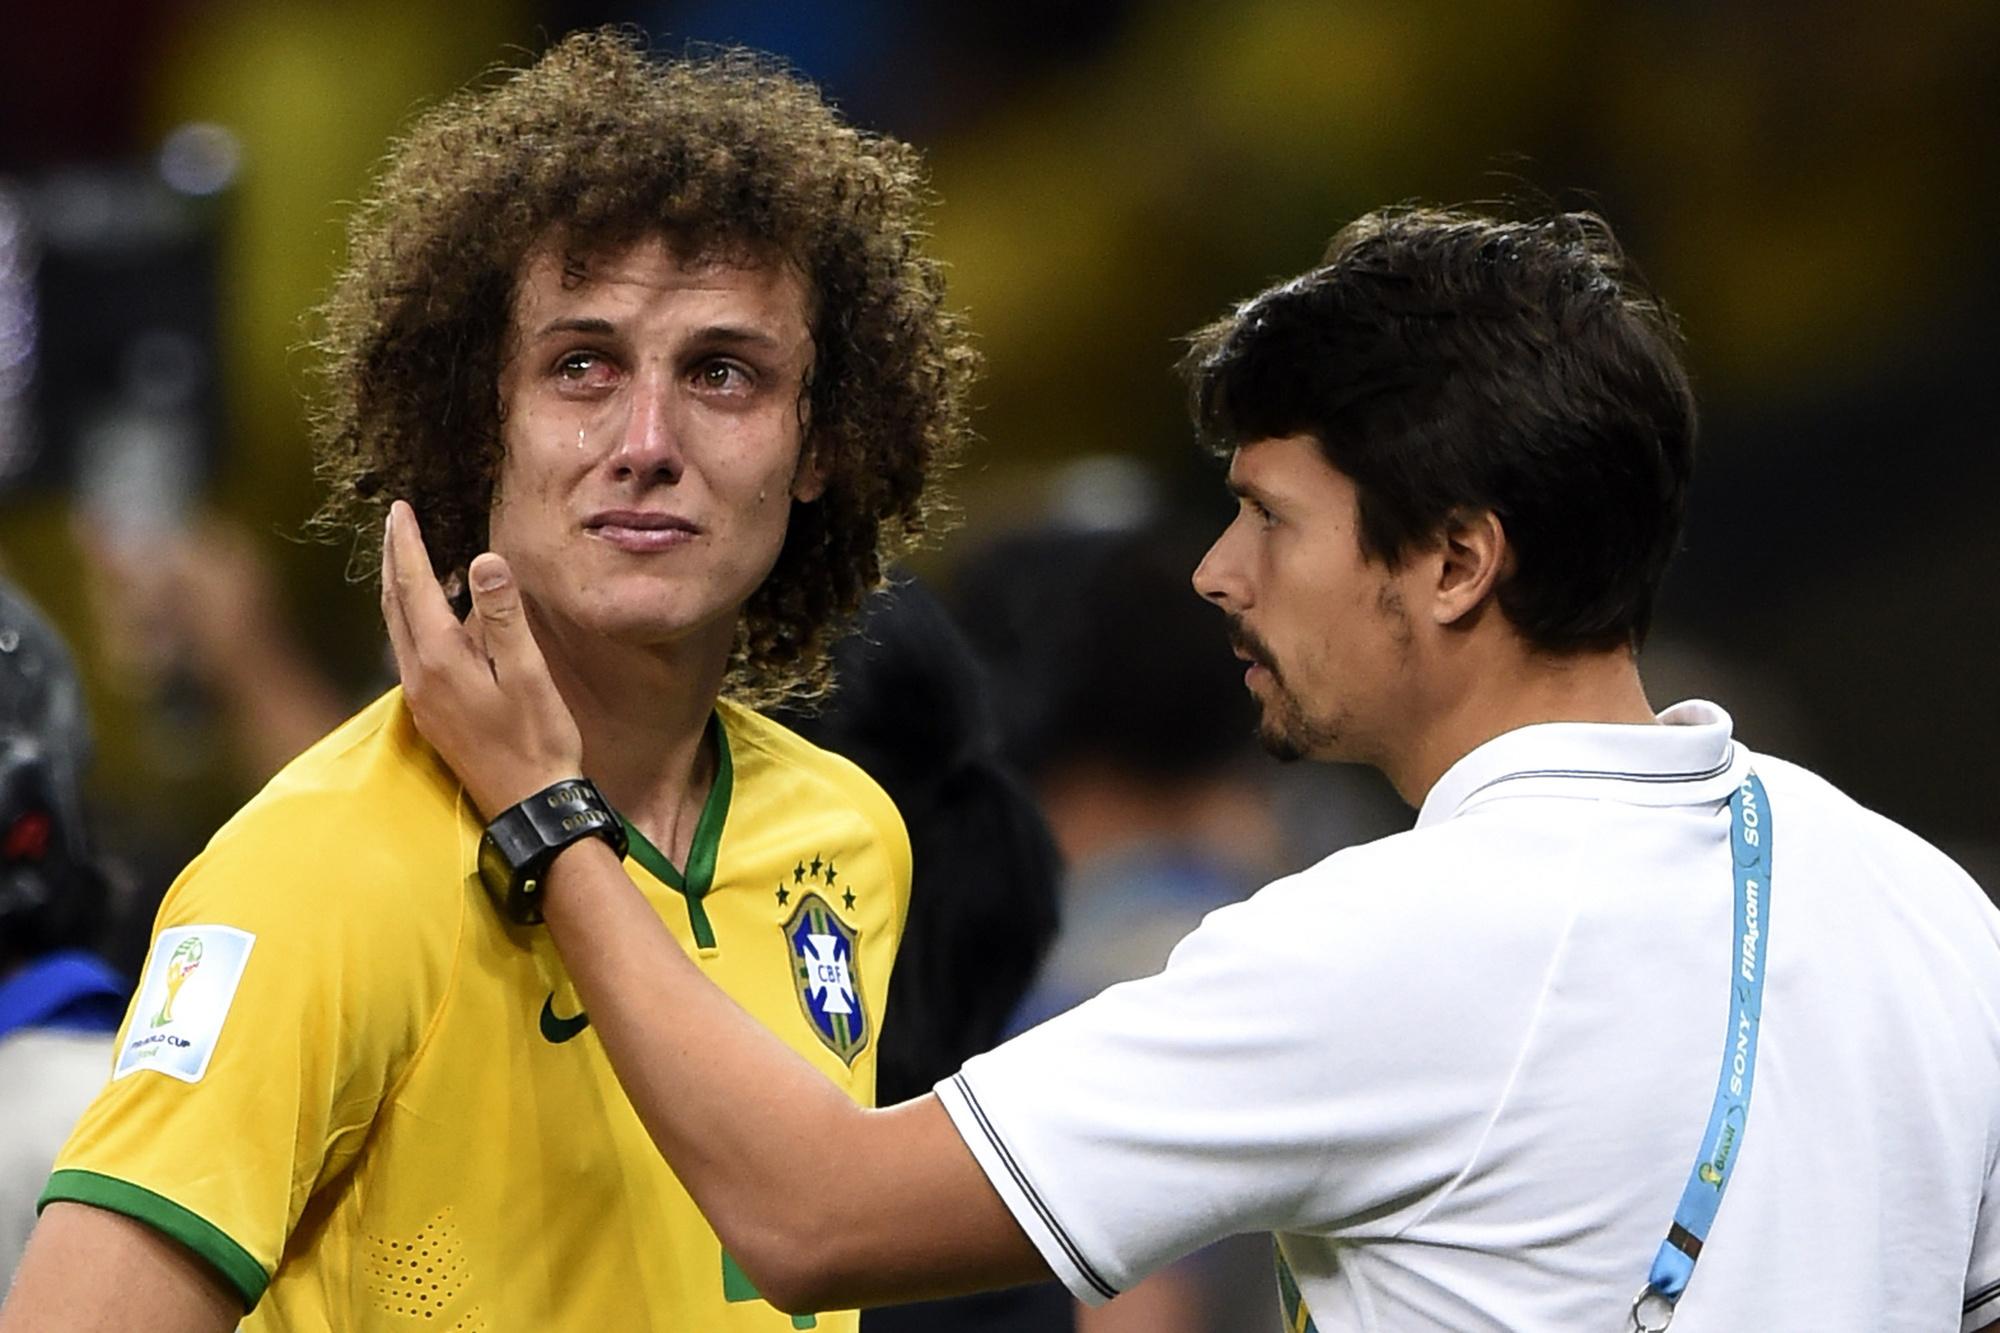 De tranen in de ogen van David Luiz., Belga Image